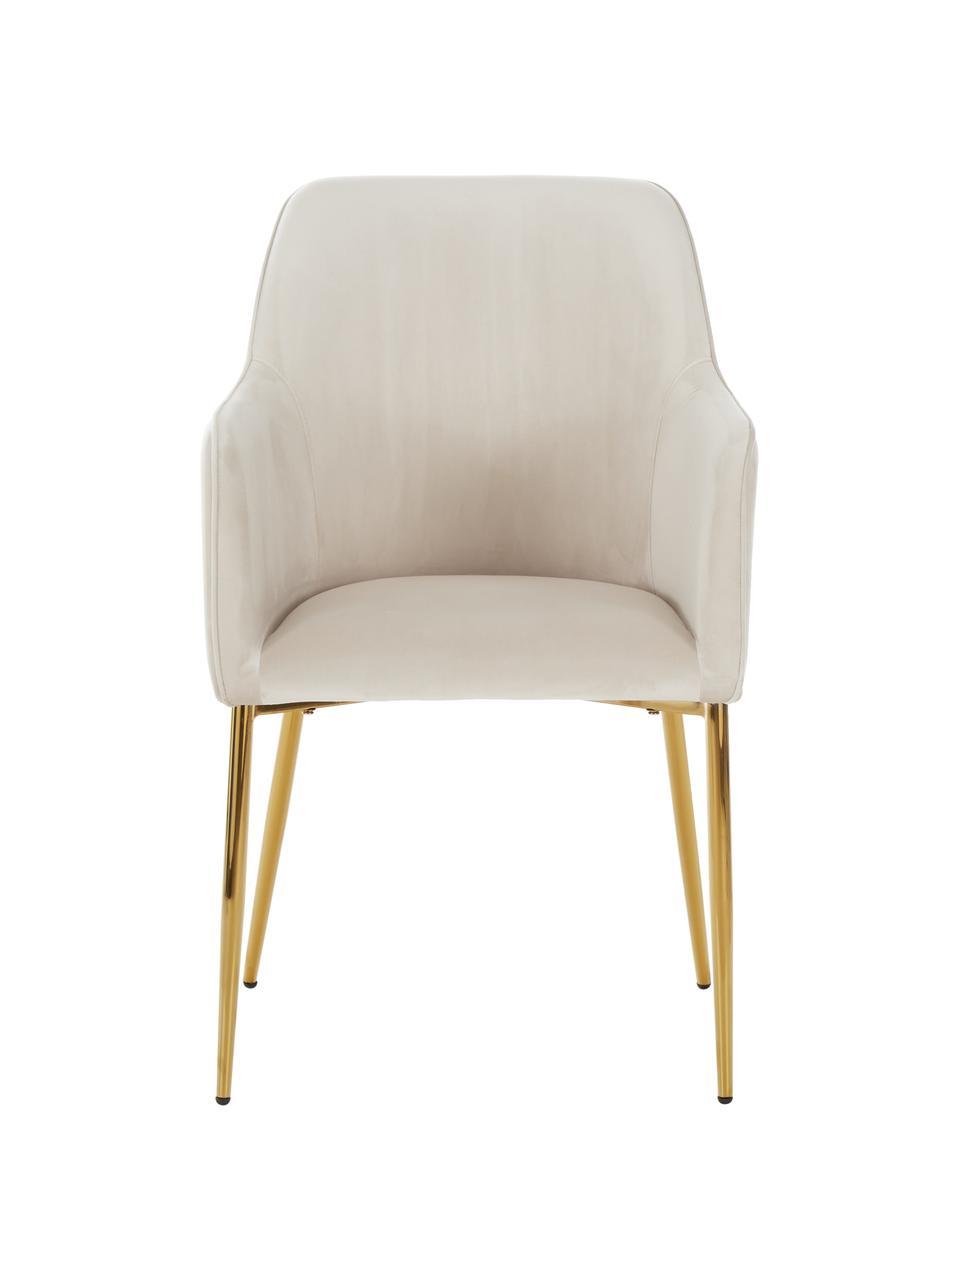 Sedia con braccioli in velluto beige Ava, Rivestimento: velluto (100% poliestere), Gambe: metallo zincato, Velluto beige, gambe oro, Larg. 57 x Prof. 63 cm